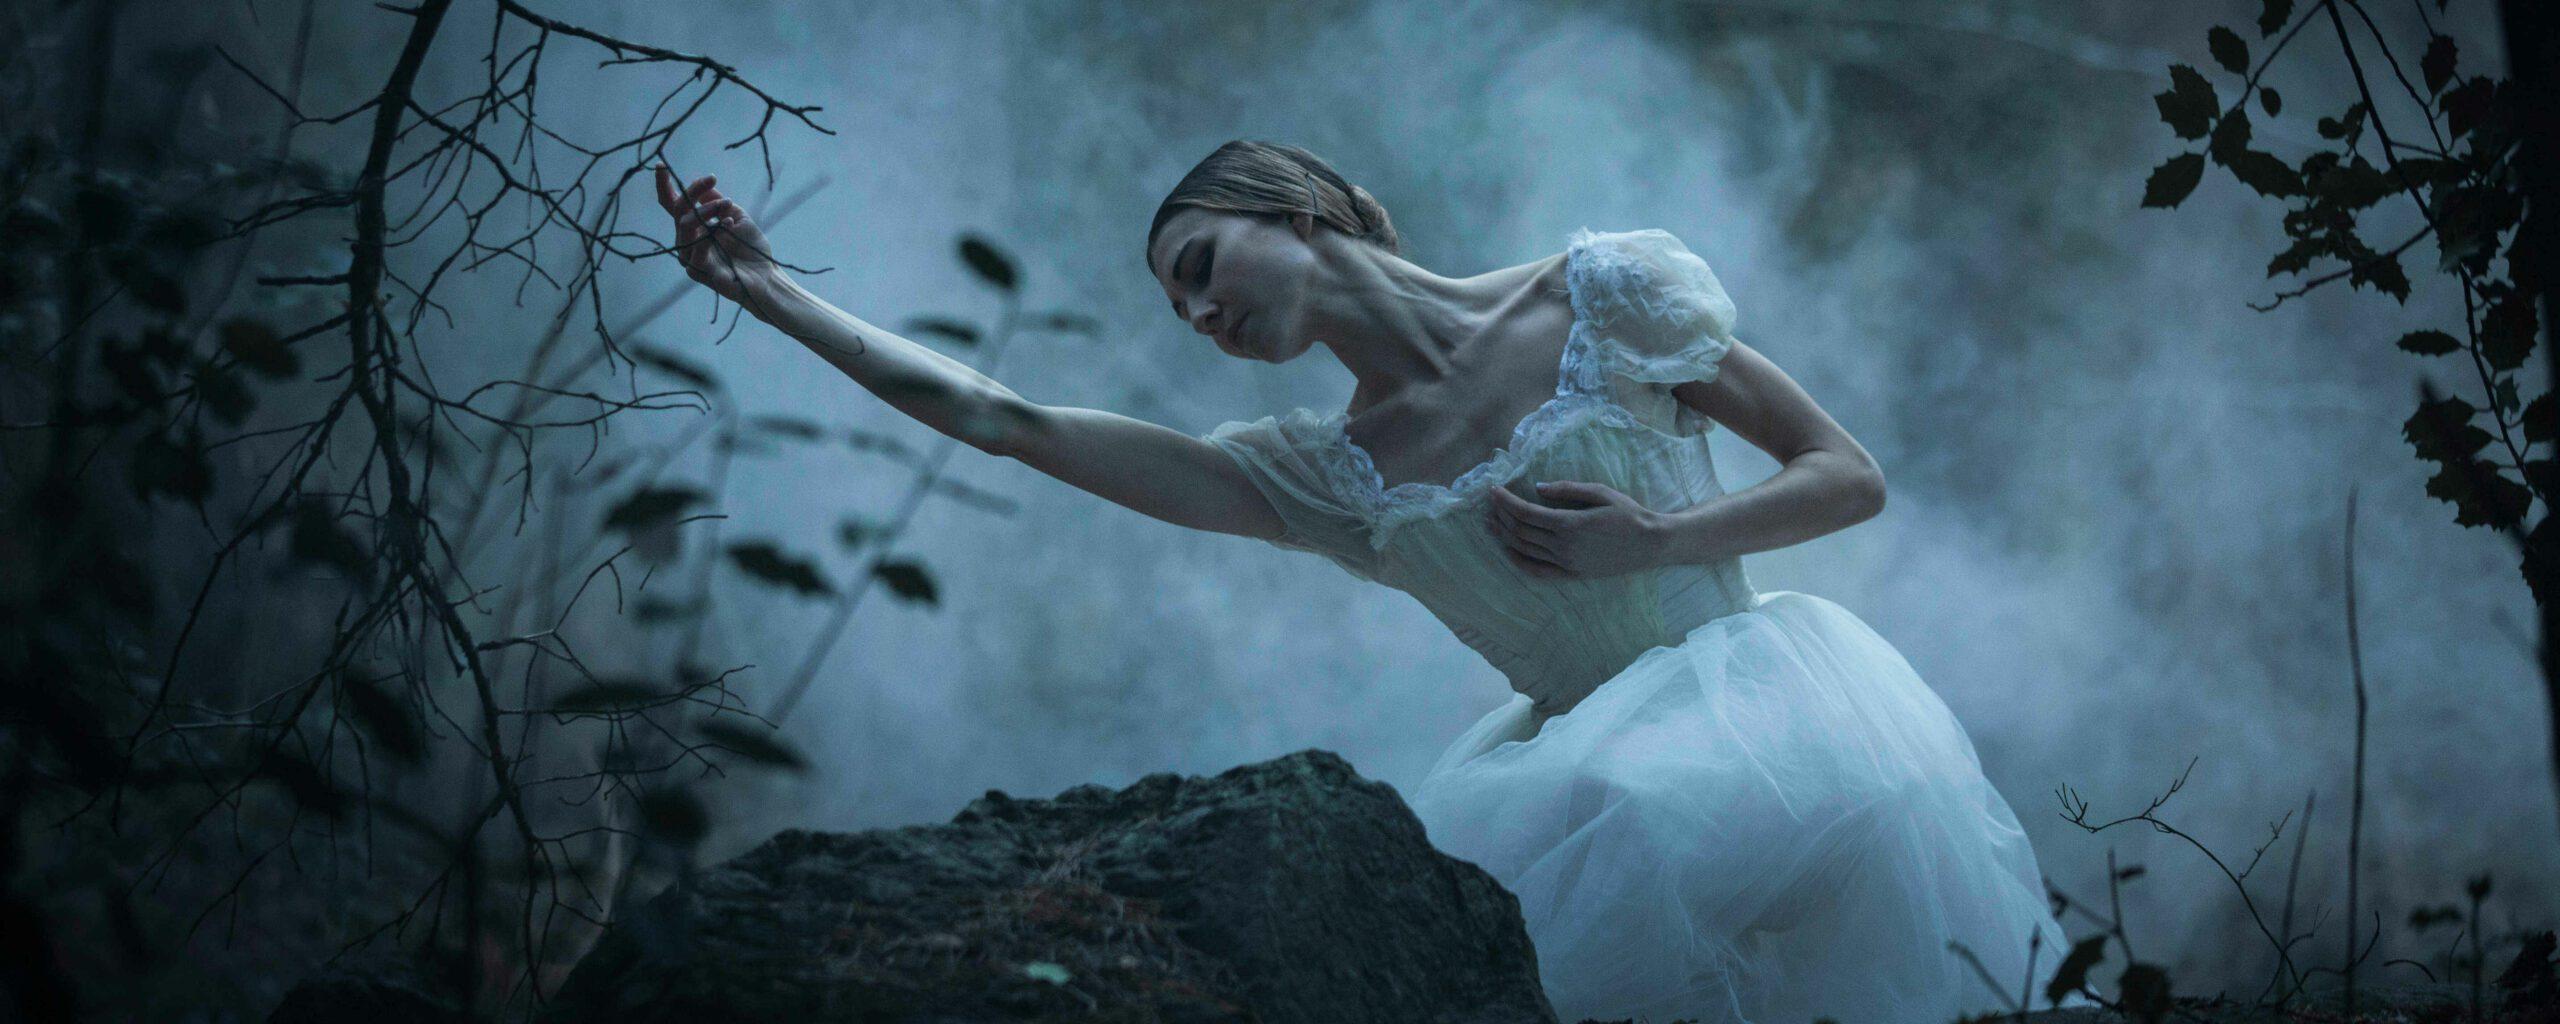 Giselle Compañía Nacional de Danza Palau de les Arts Valencia Portada 5x2